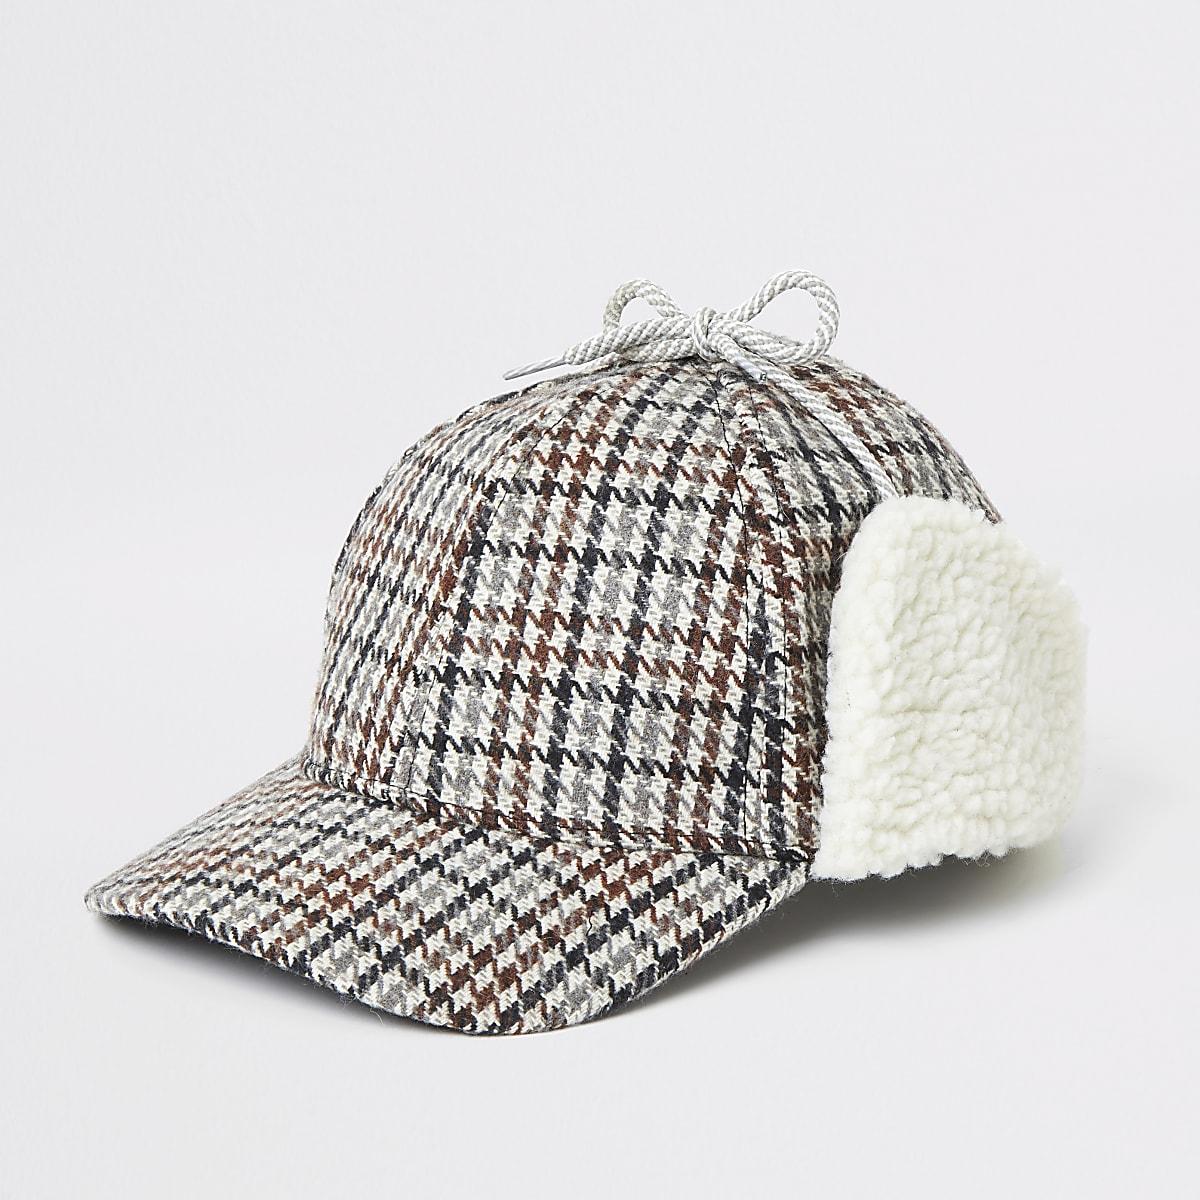 Chapeau borgmarronà carreaux